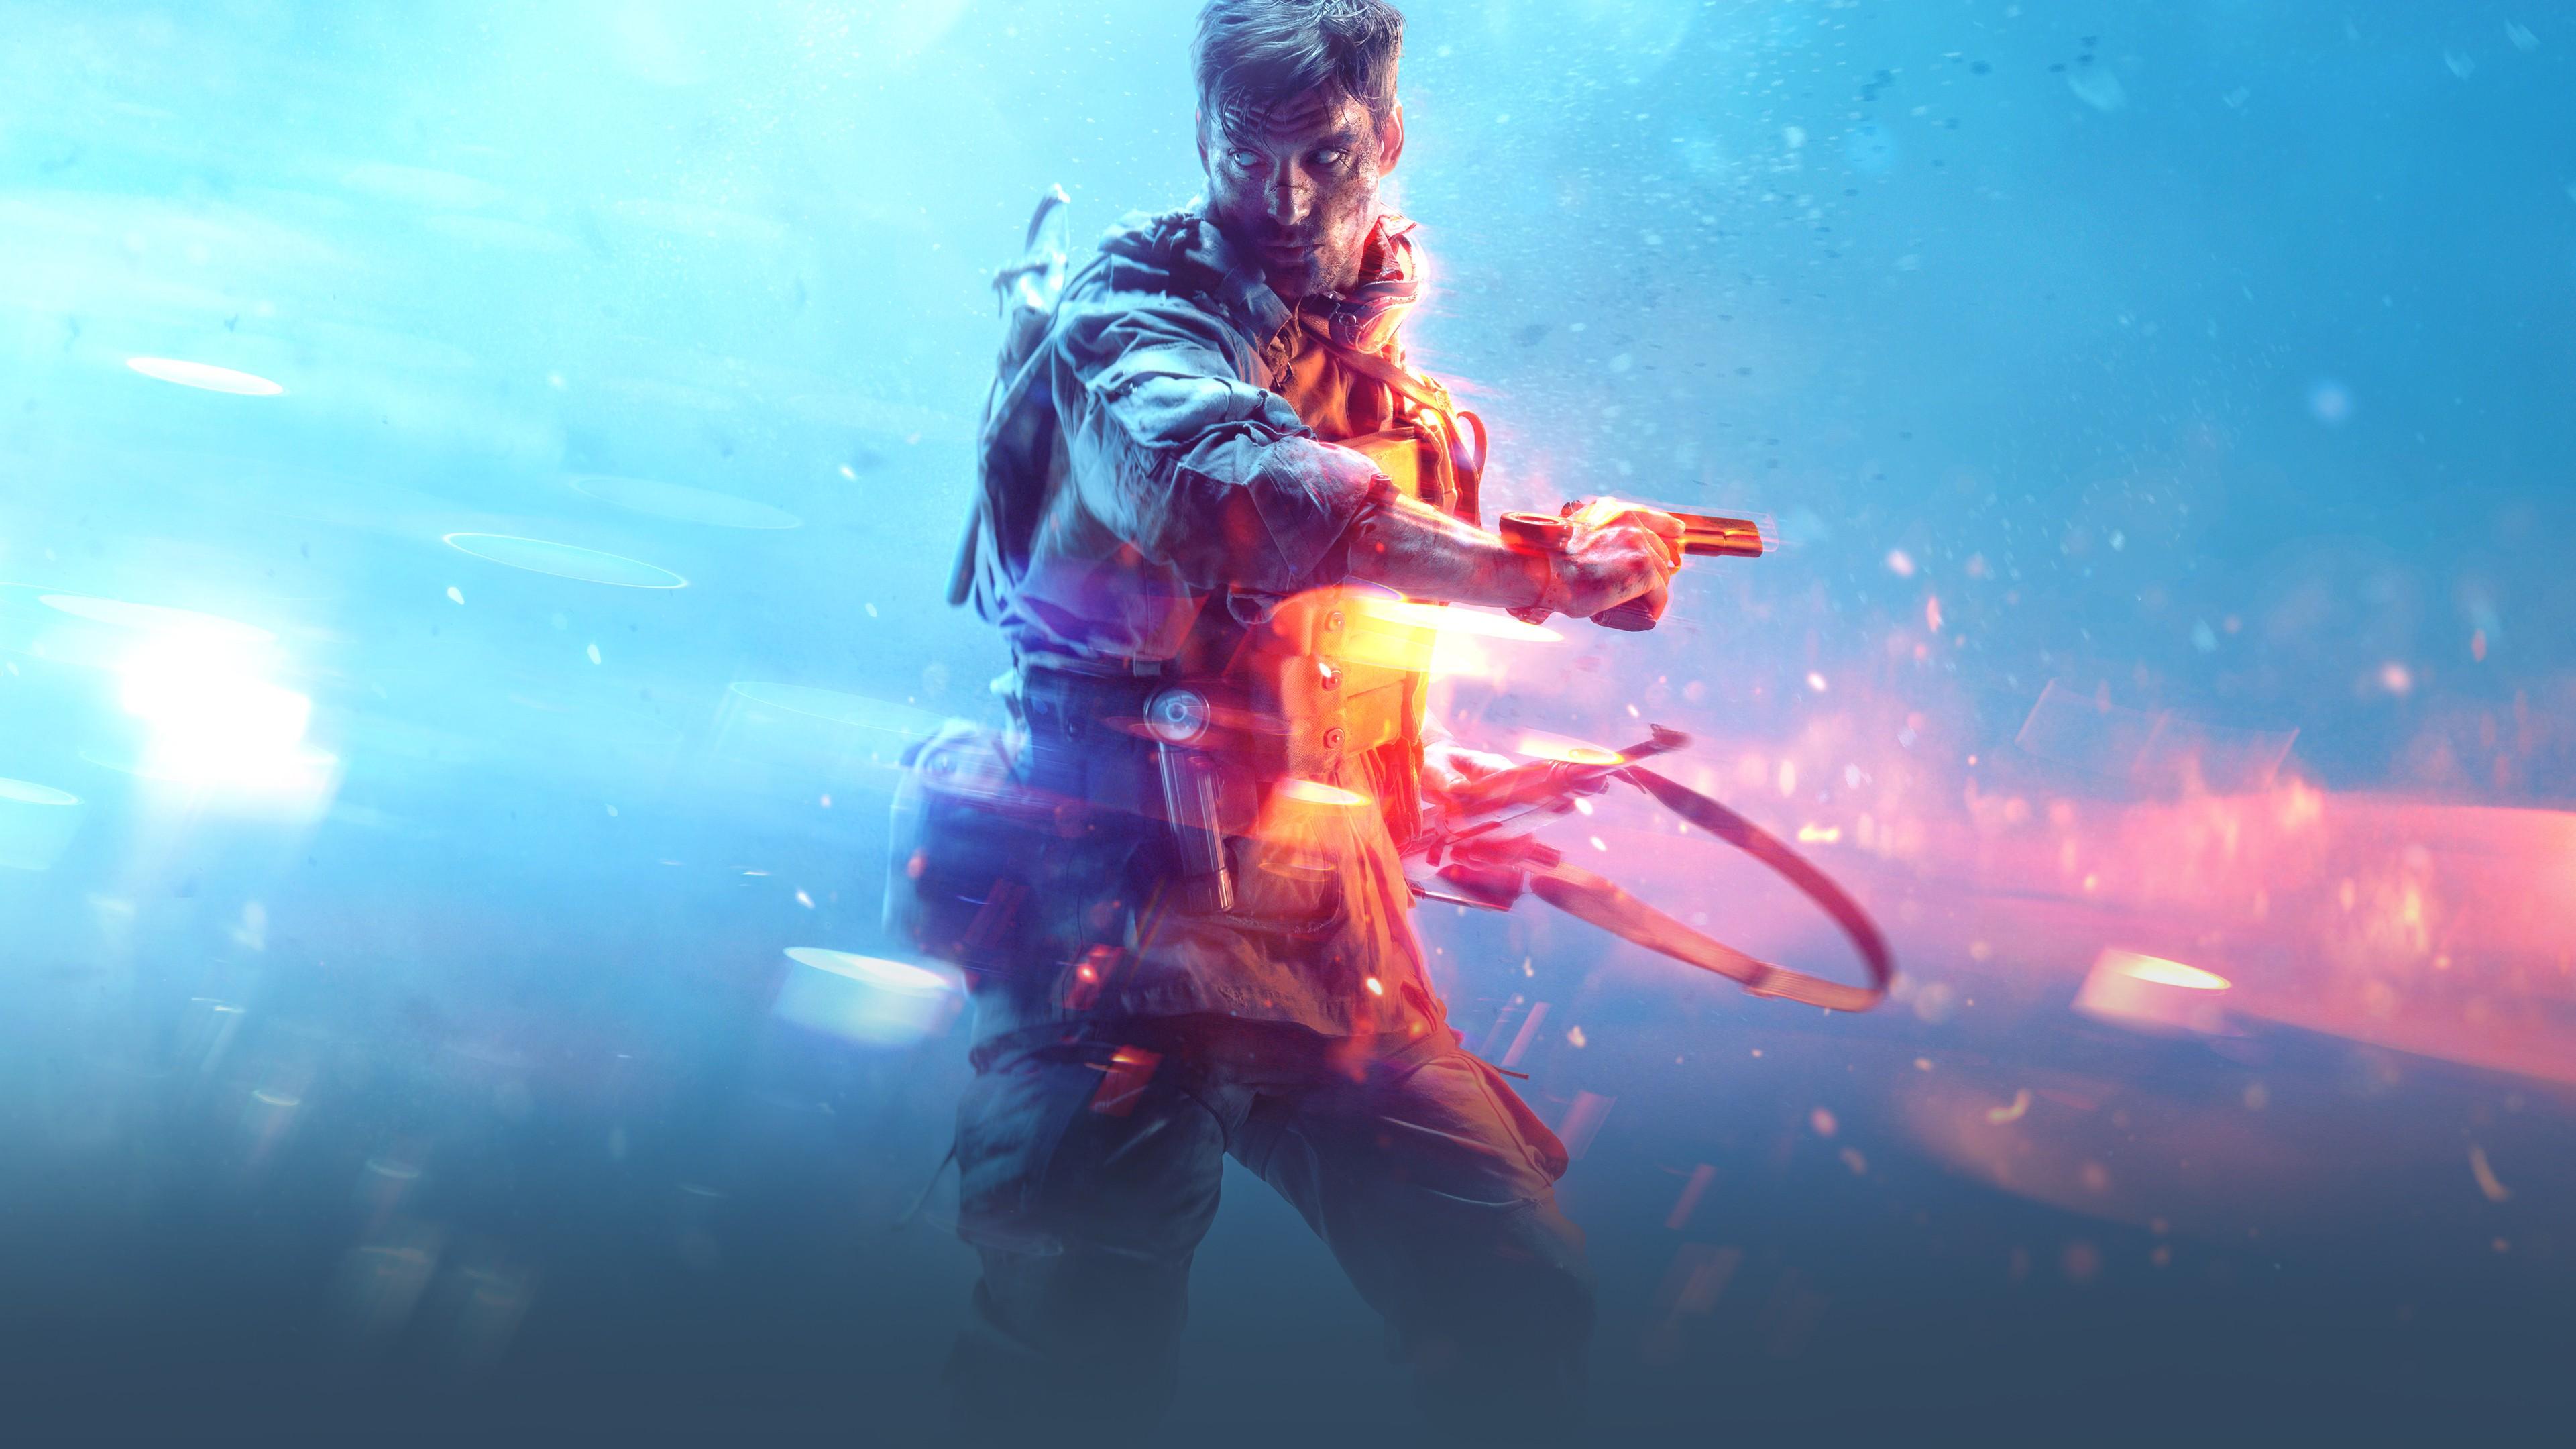 Battlefield V 4k Hd Games 4k Wallpapers Images